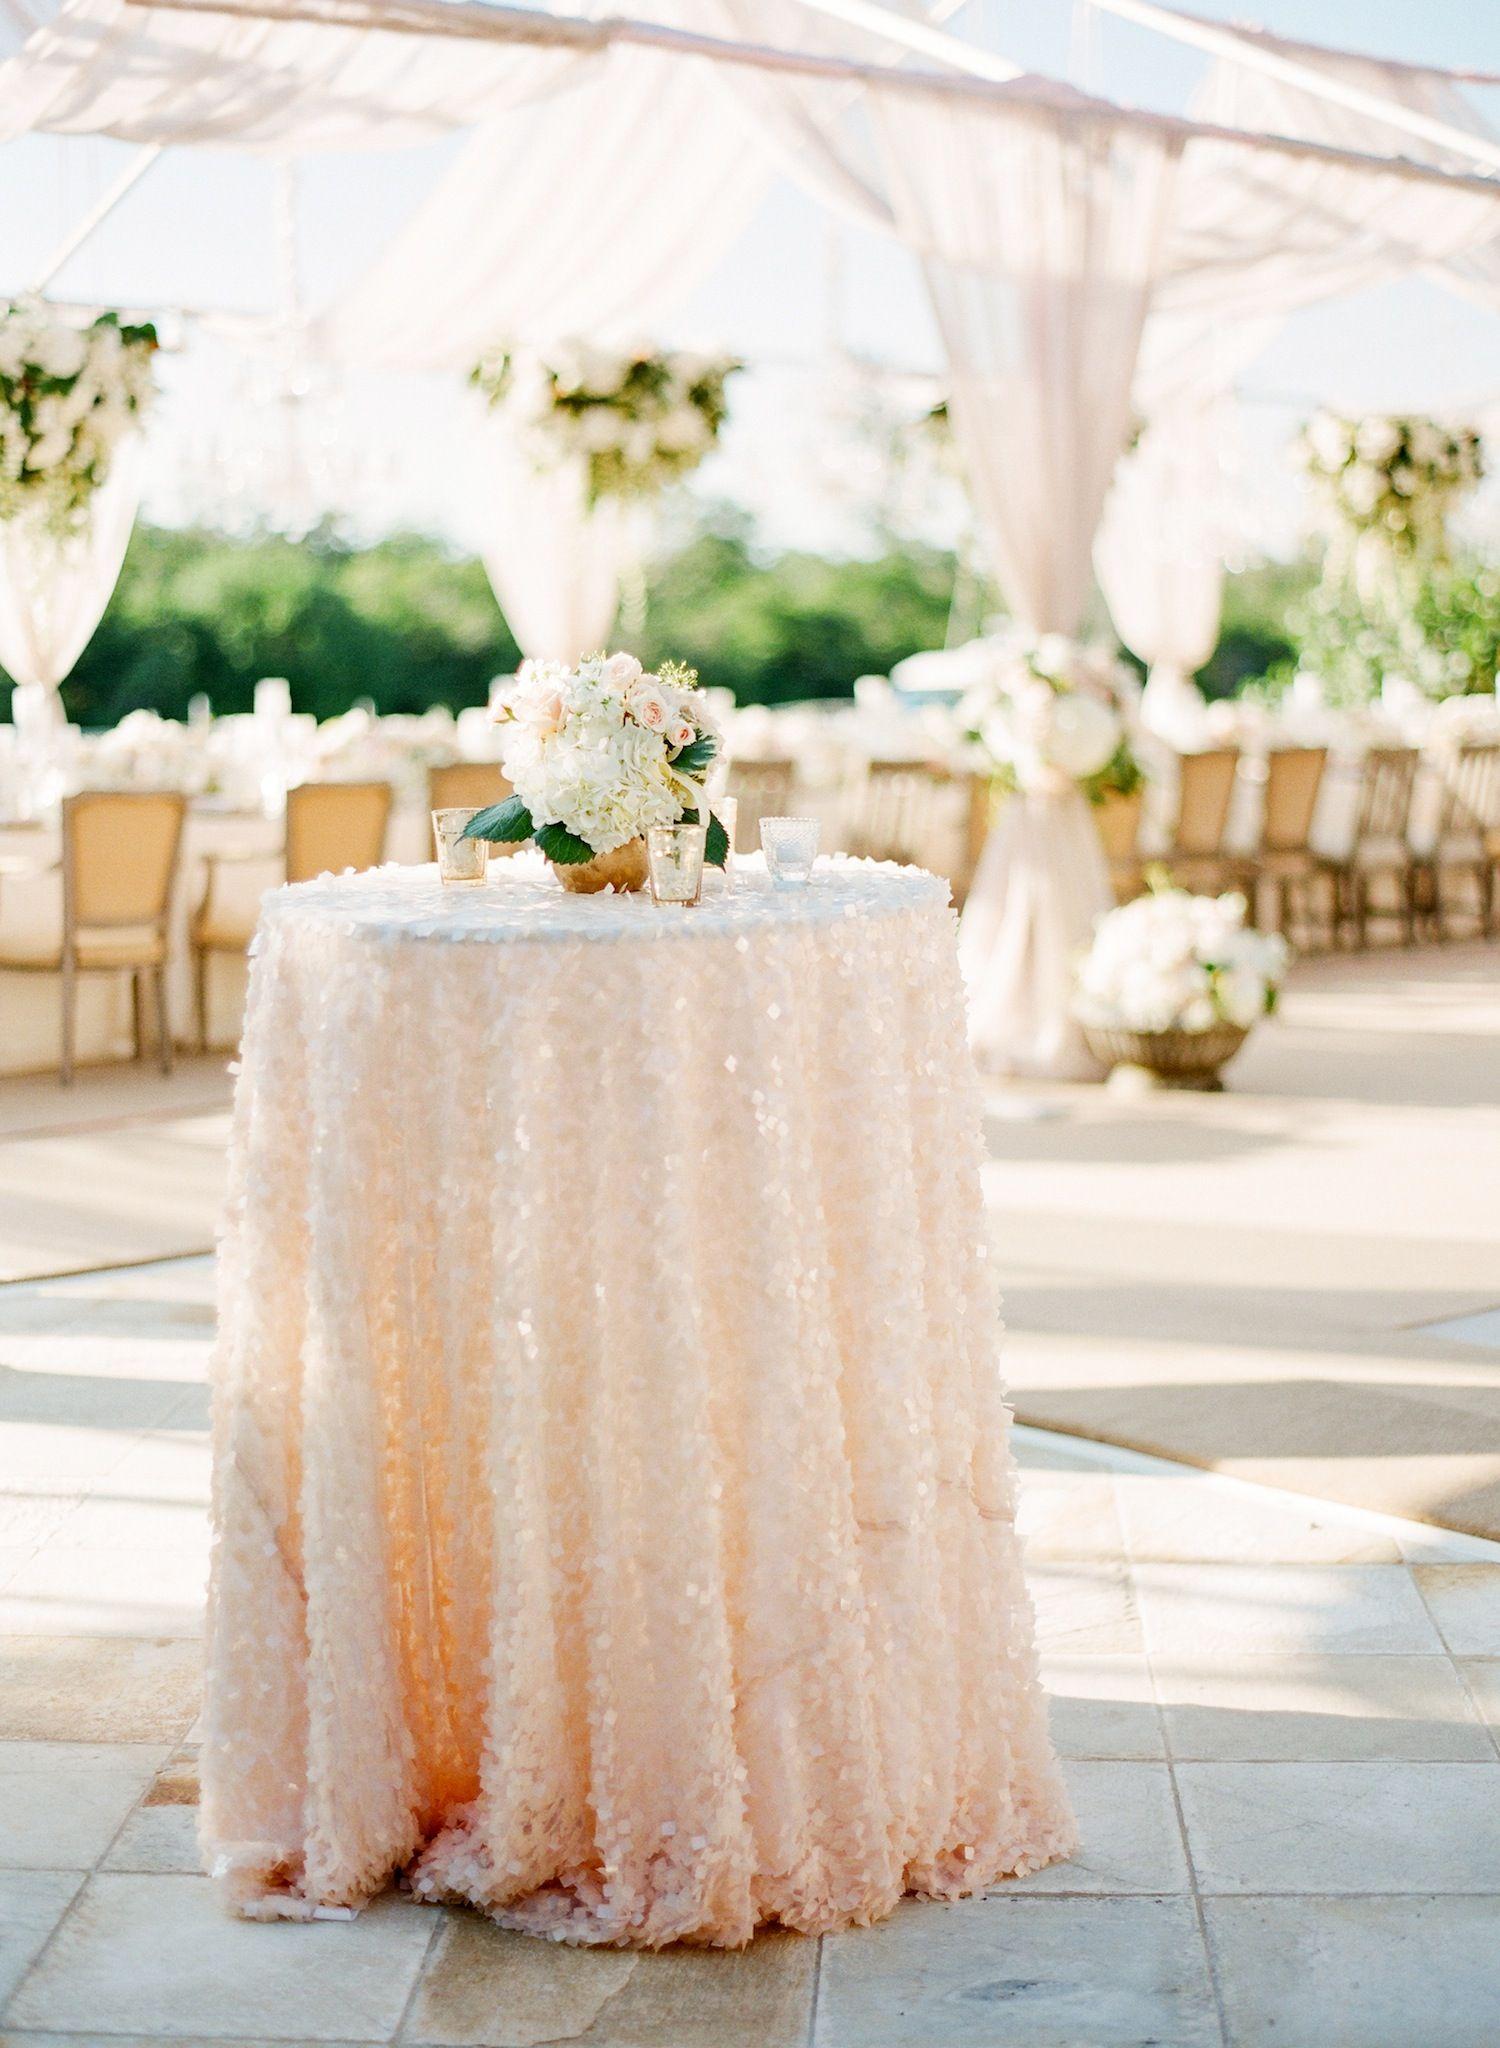 23 Ways to Add Sparkling Glitter & Sequins to Wedding Décor ...